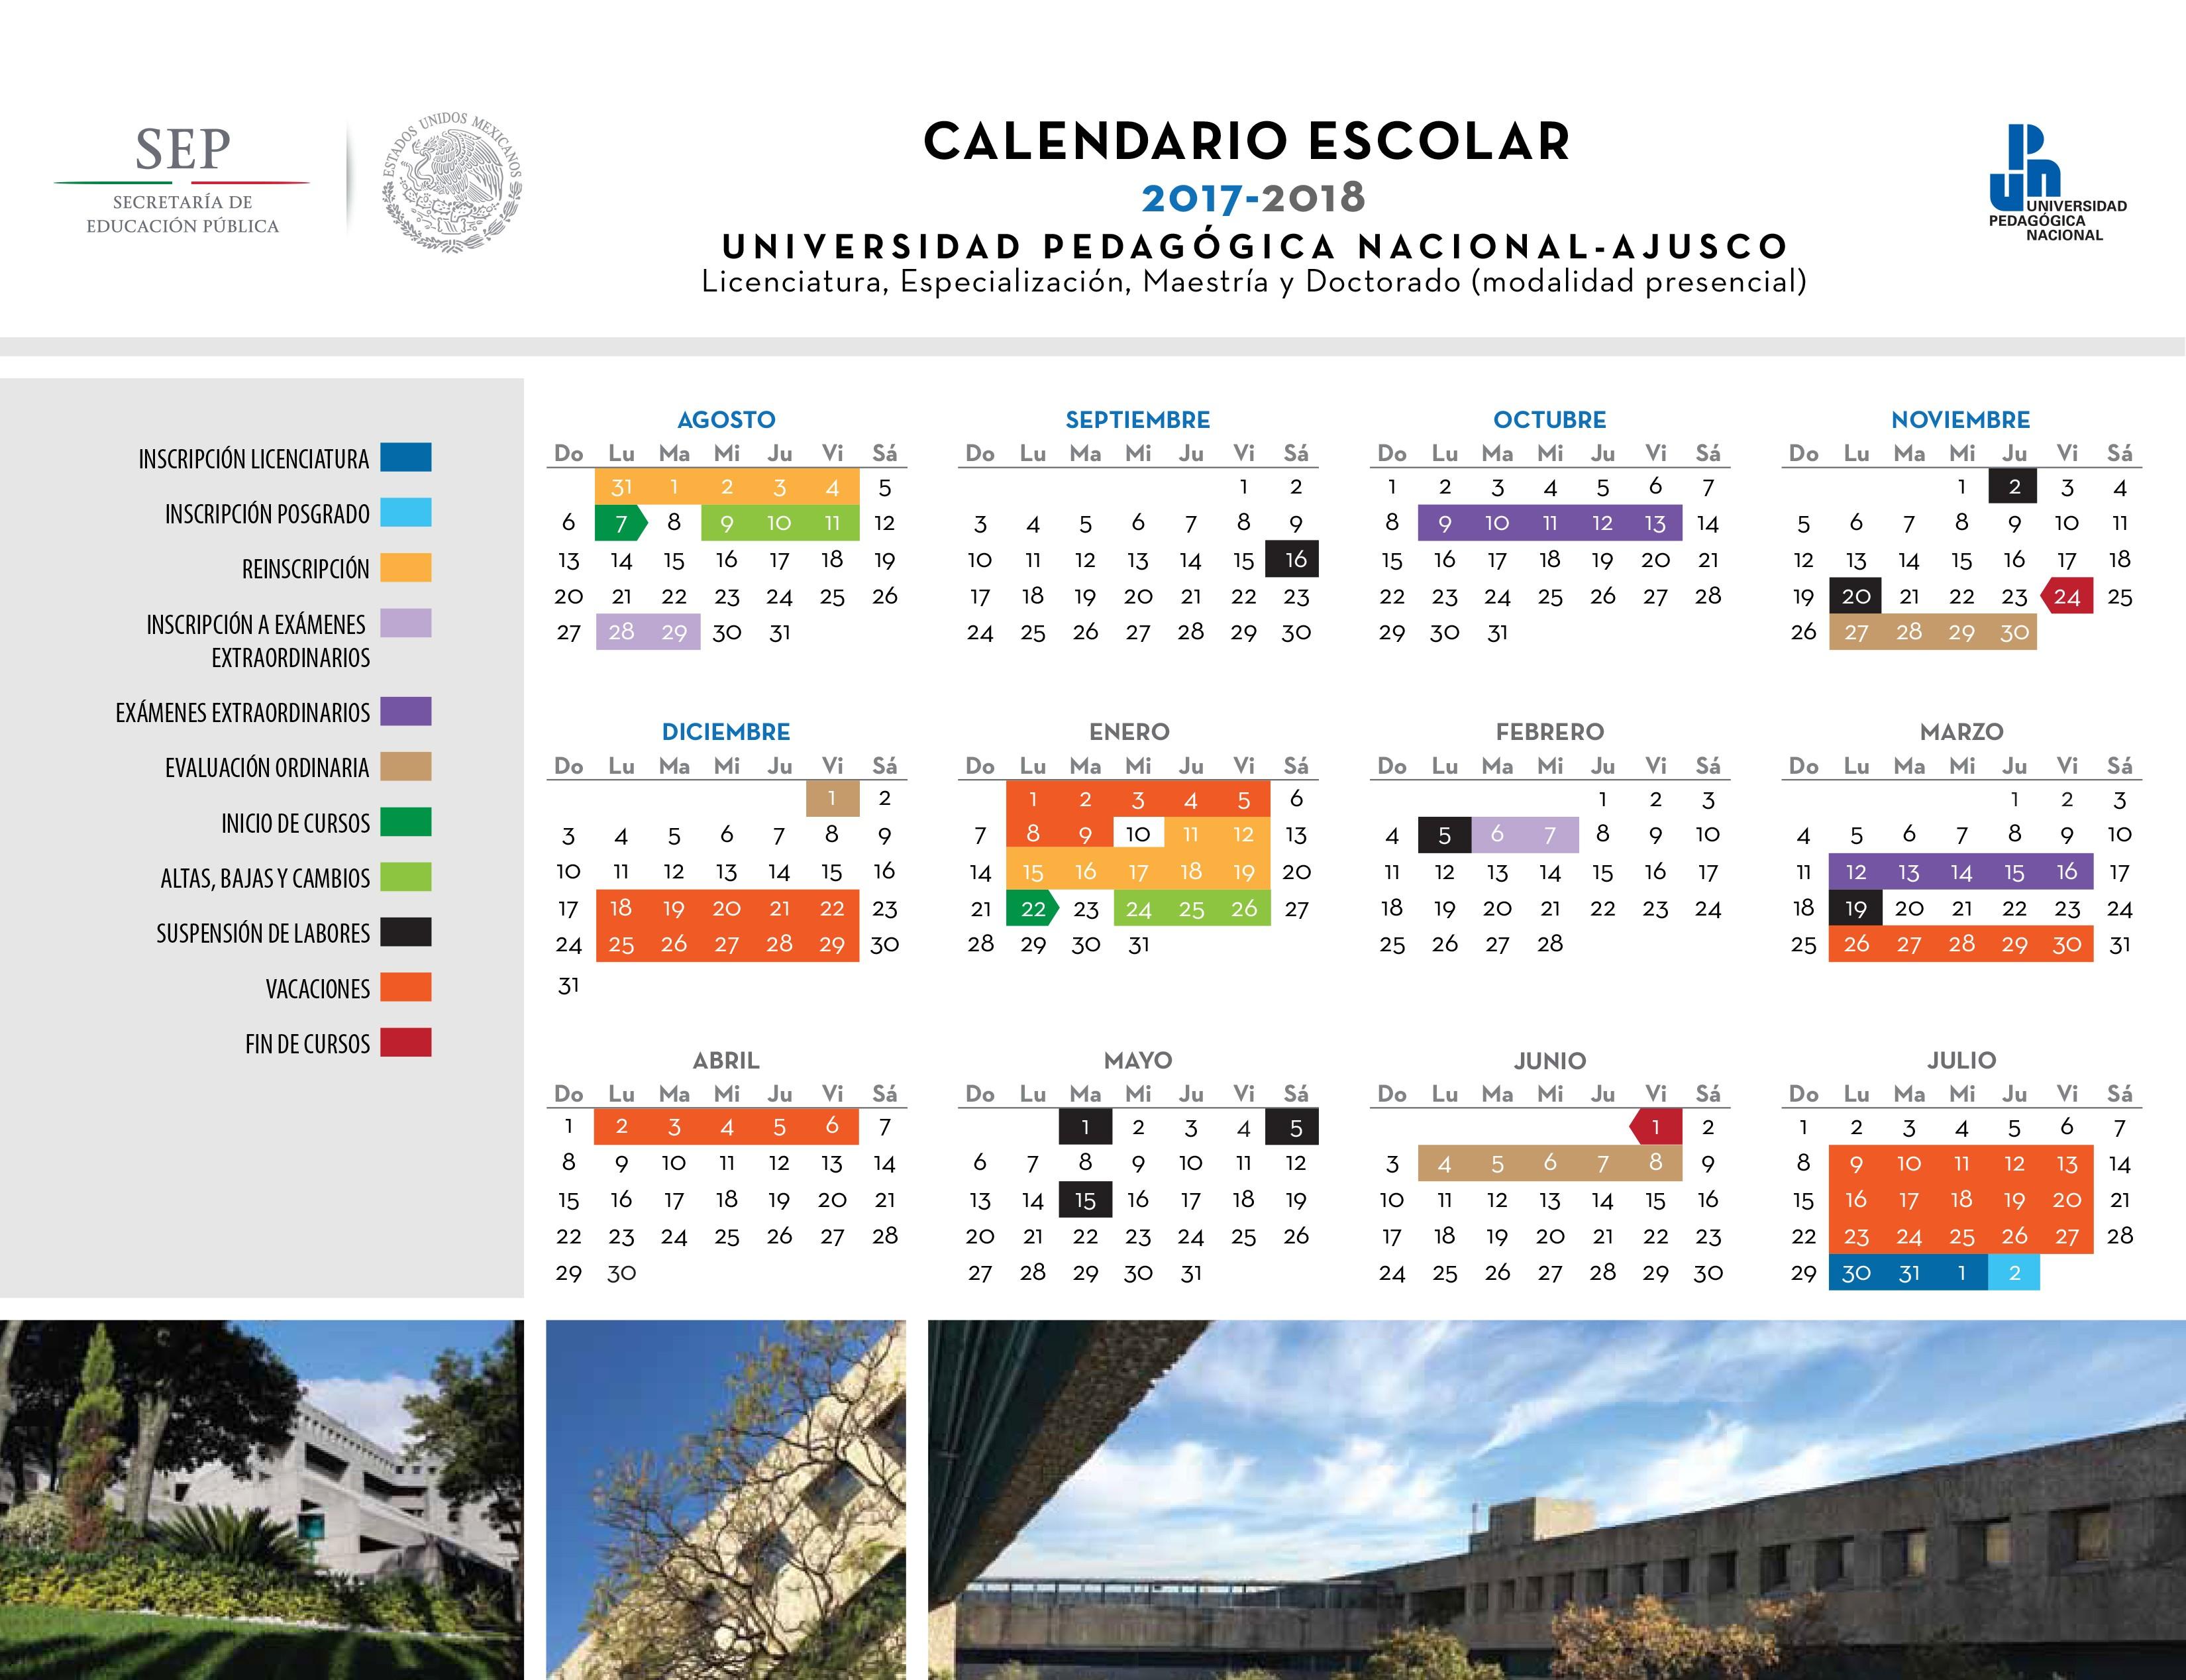 Calendario Escolar 2019 Descargar Actual Calendario Escolar 2018 Of Calendario Escolar 2019 Descargar Recientes Calendario Escolar 2017 2018 Más De 100 Imágenes Para Descargar